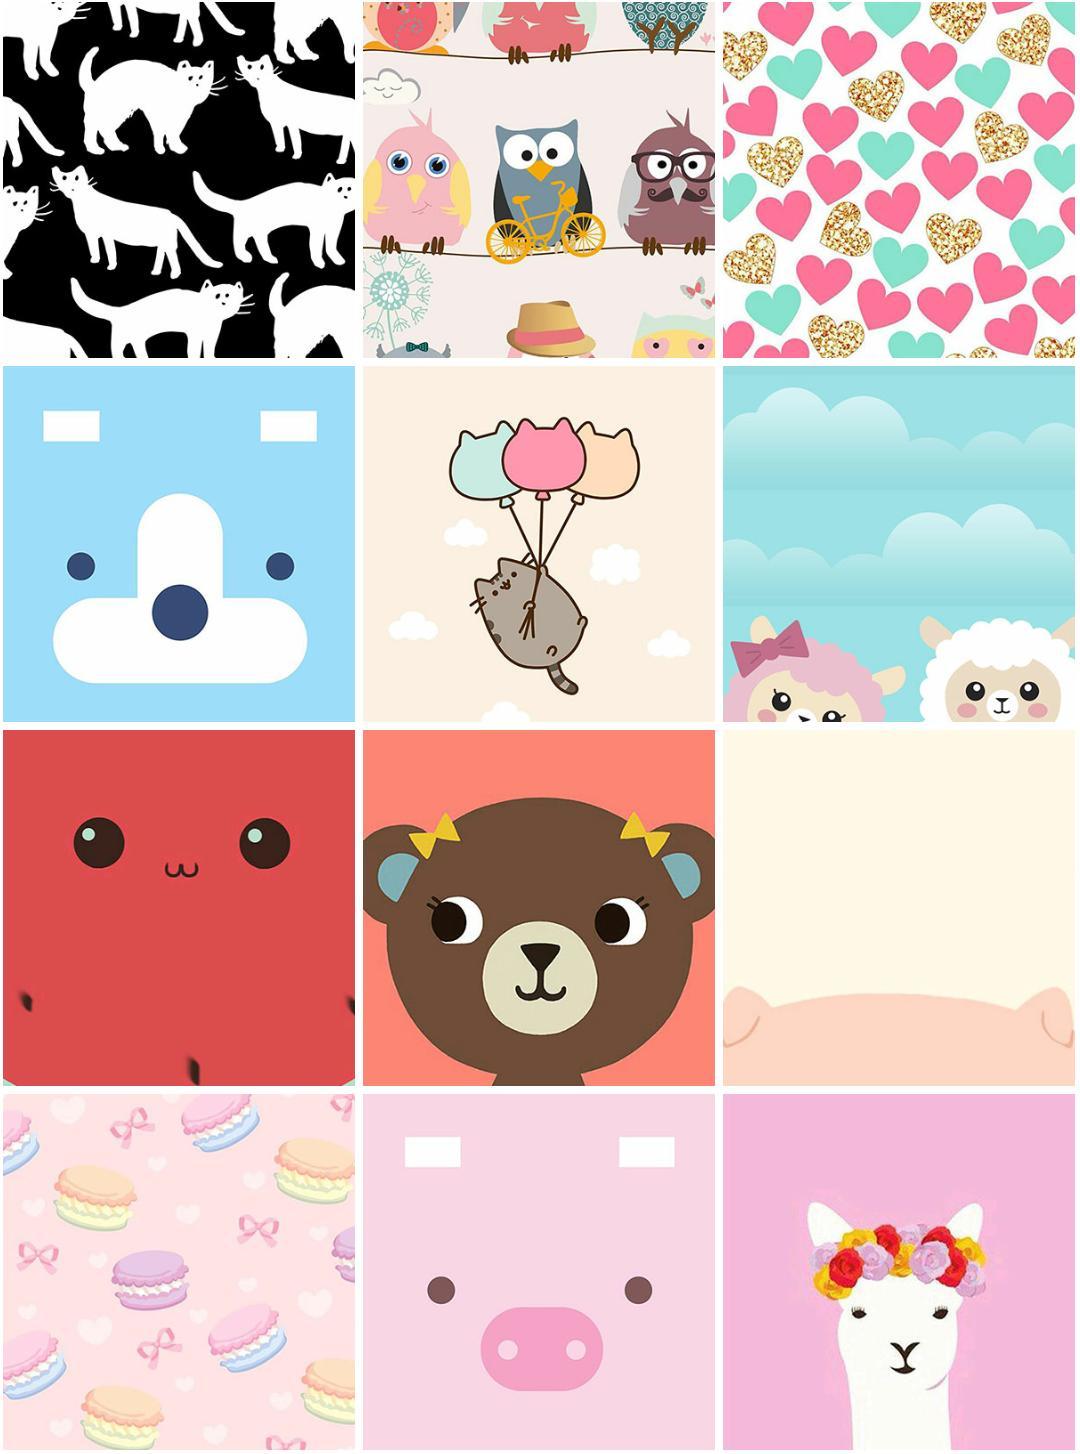 Wallpaper Lucu Dan Kawaii For Android APK Download